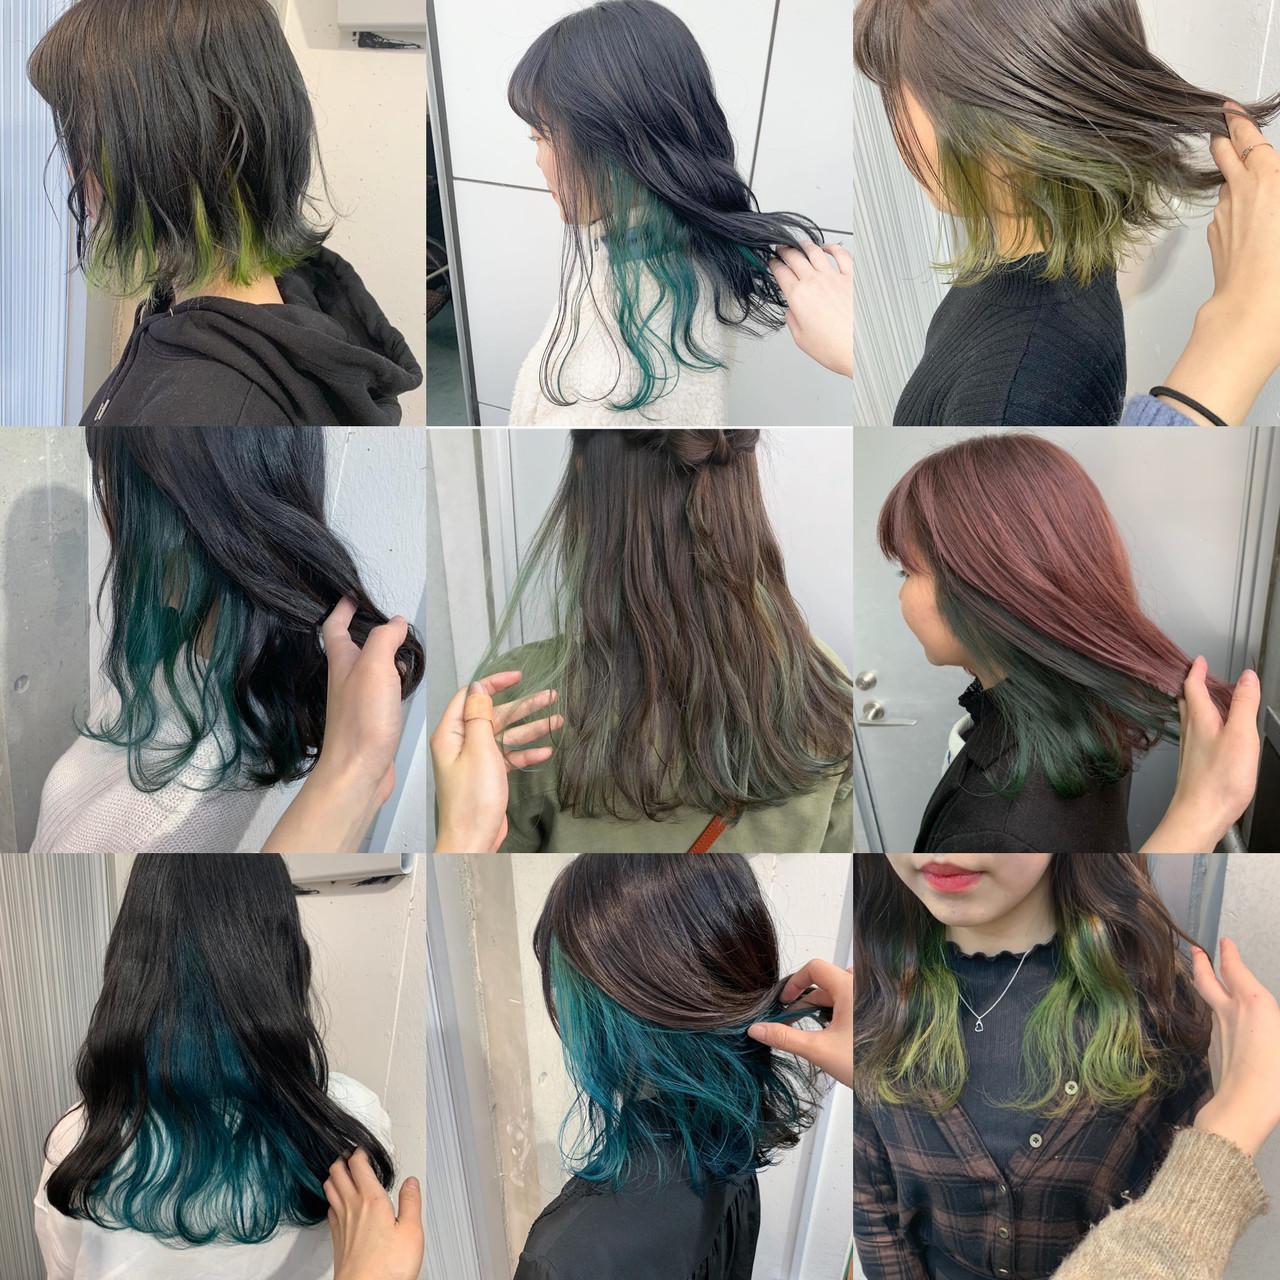 セミロング インナーグリーン シアグレー ストリートヘアスタイルや髪型の写真・画像